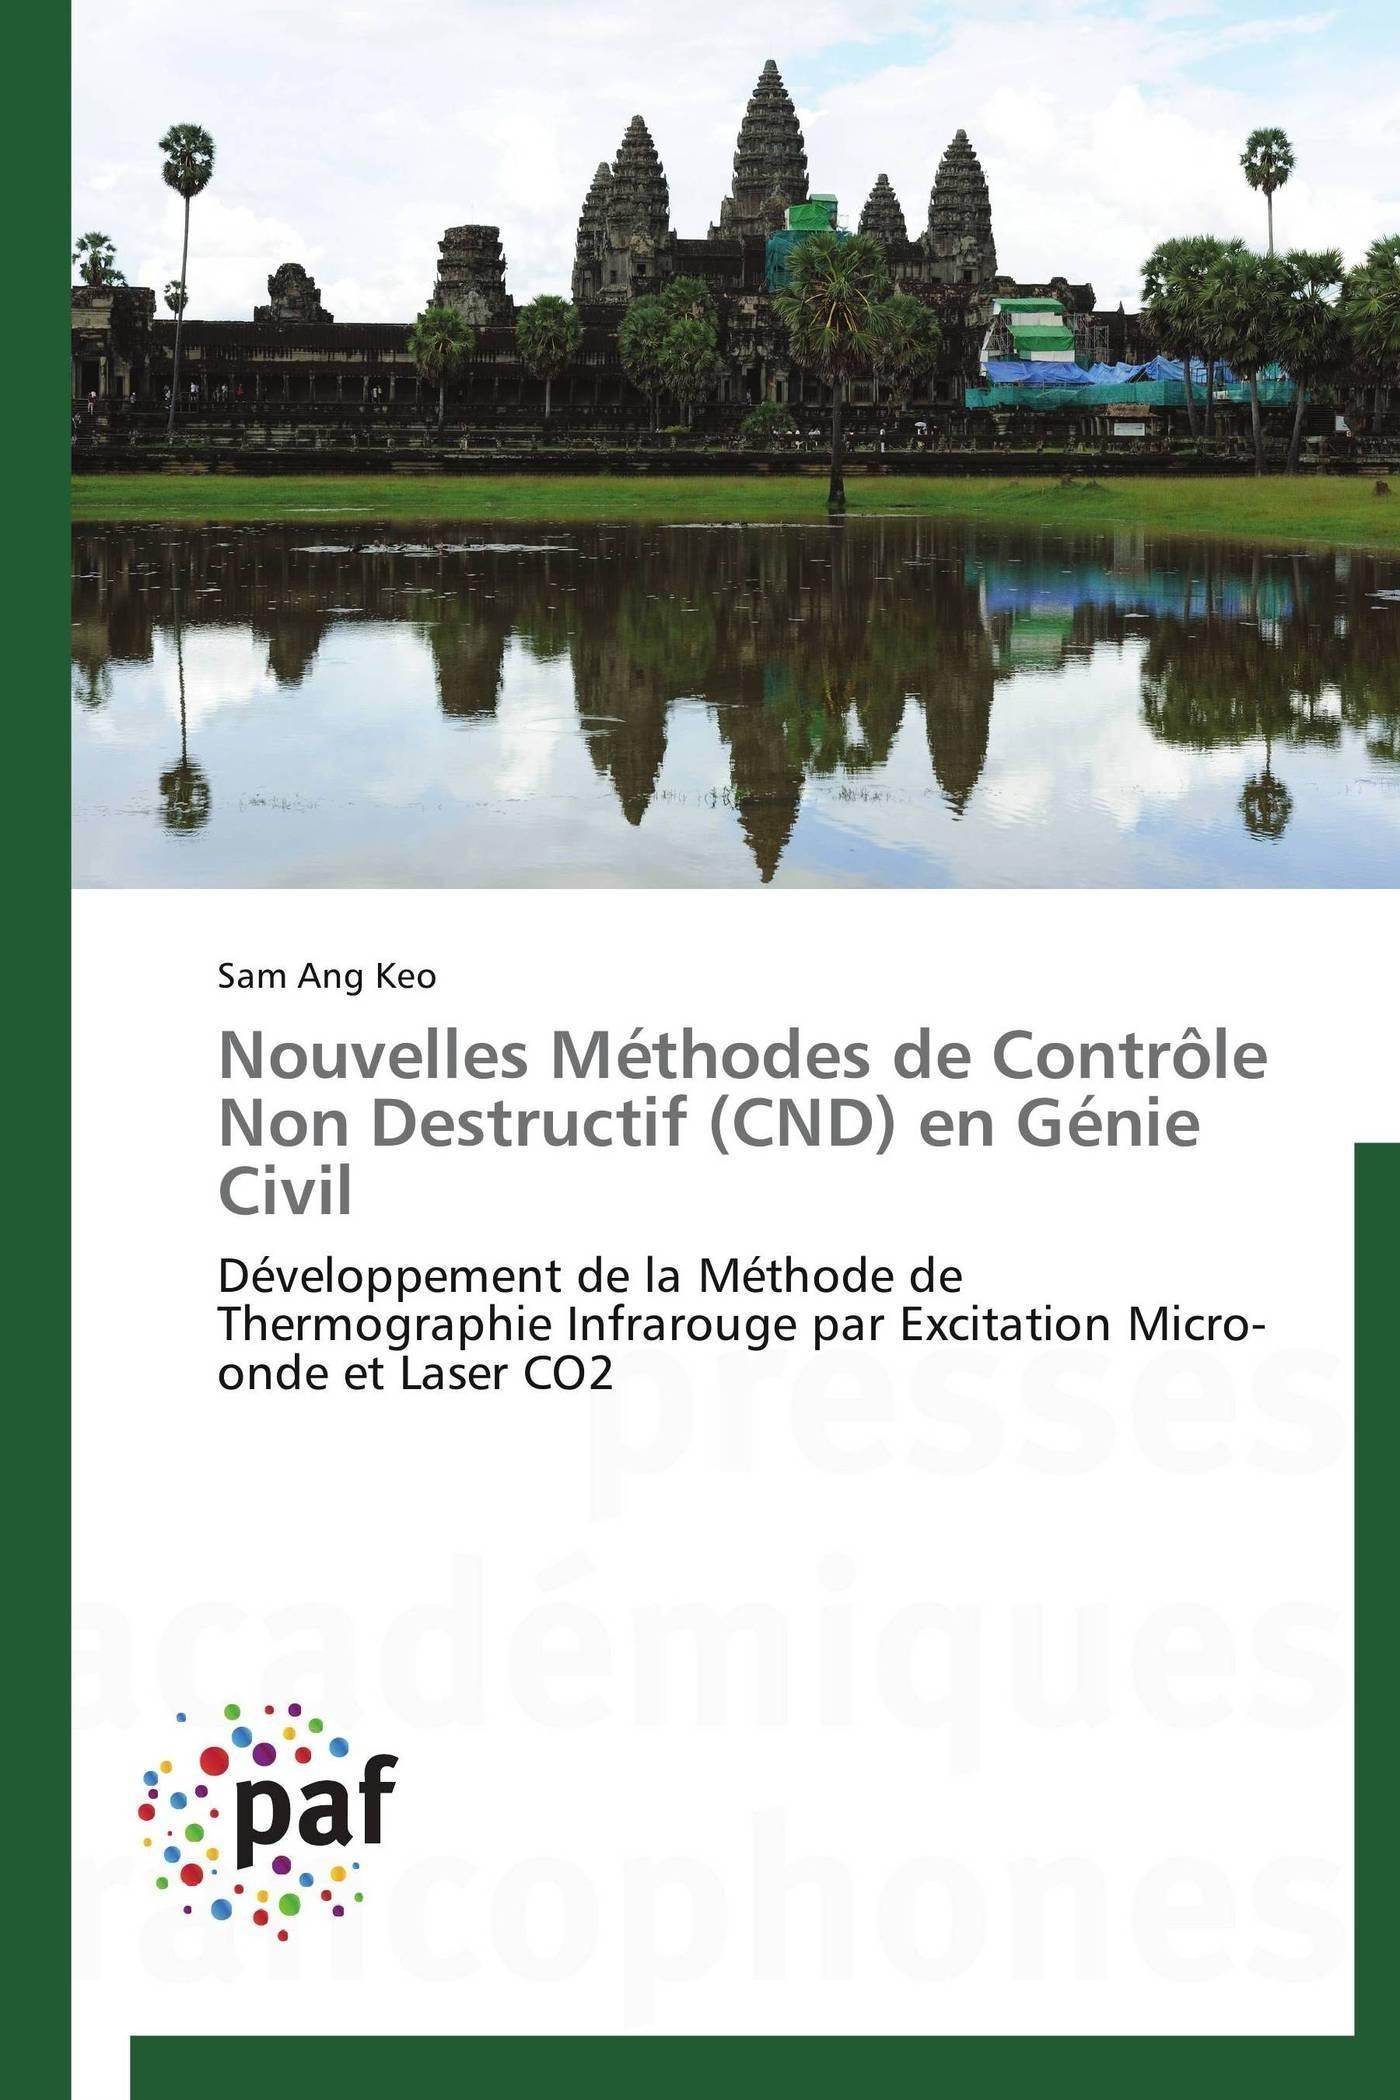 NOUVELLES METHODES DE CONTROLE NON DESTRUCTIF (CND) EN GENIE CIVIL